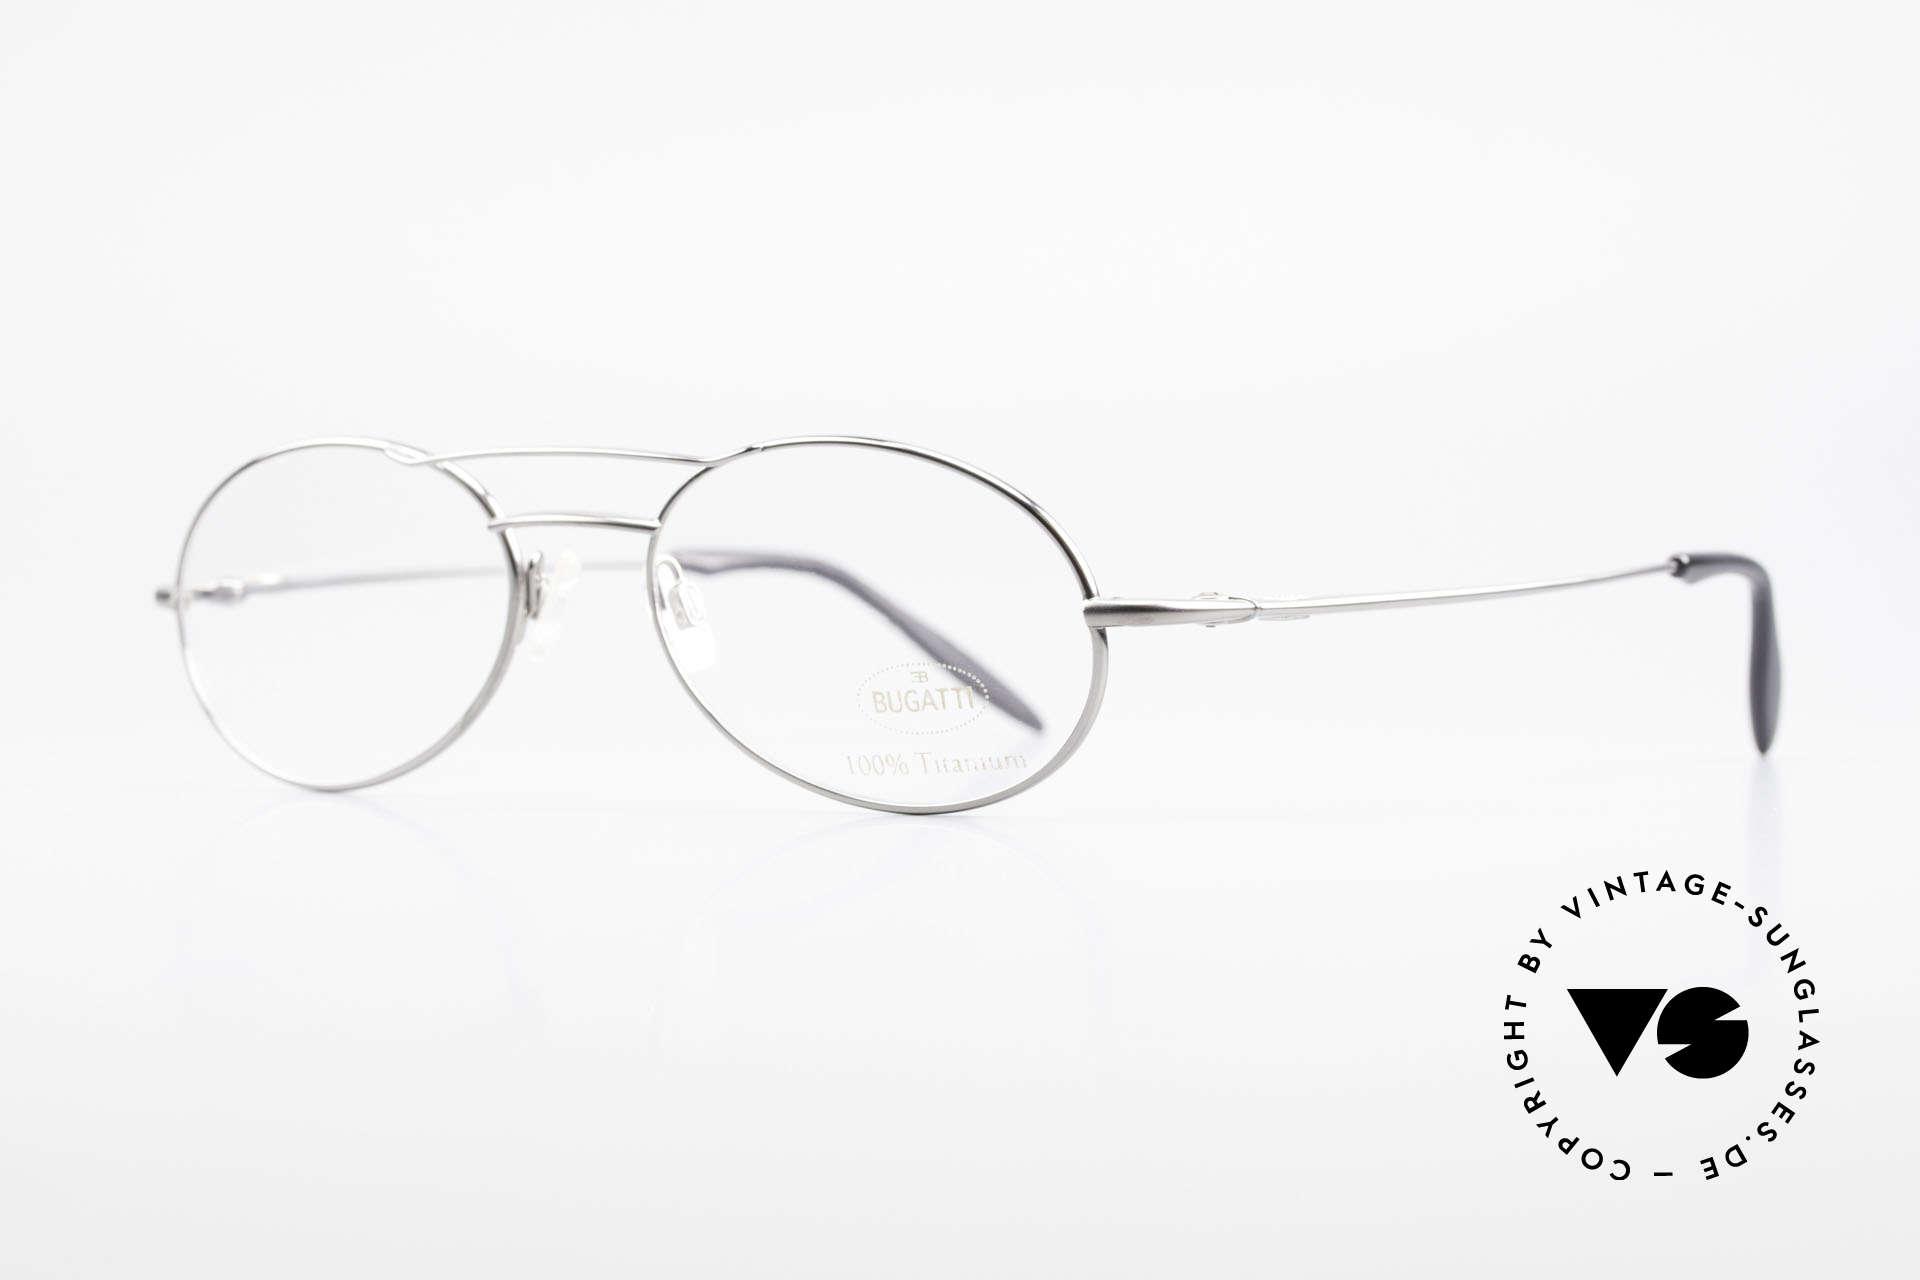 Bugatti 18861 Titanium Herren Brillenfassung, ergonomische Bügelform für höchsten Tragekomfort, Passend für Herren